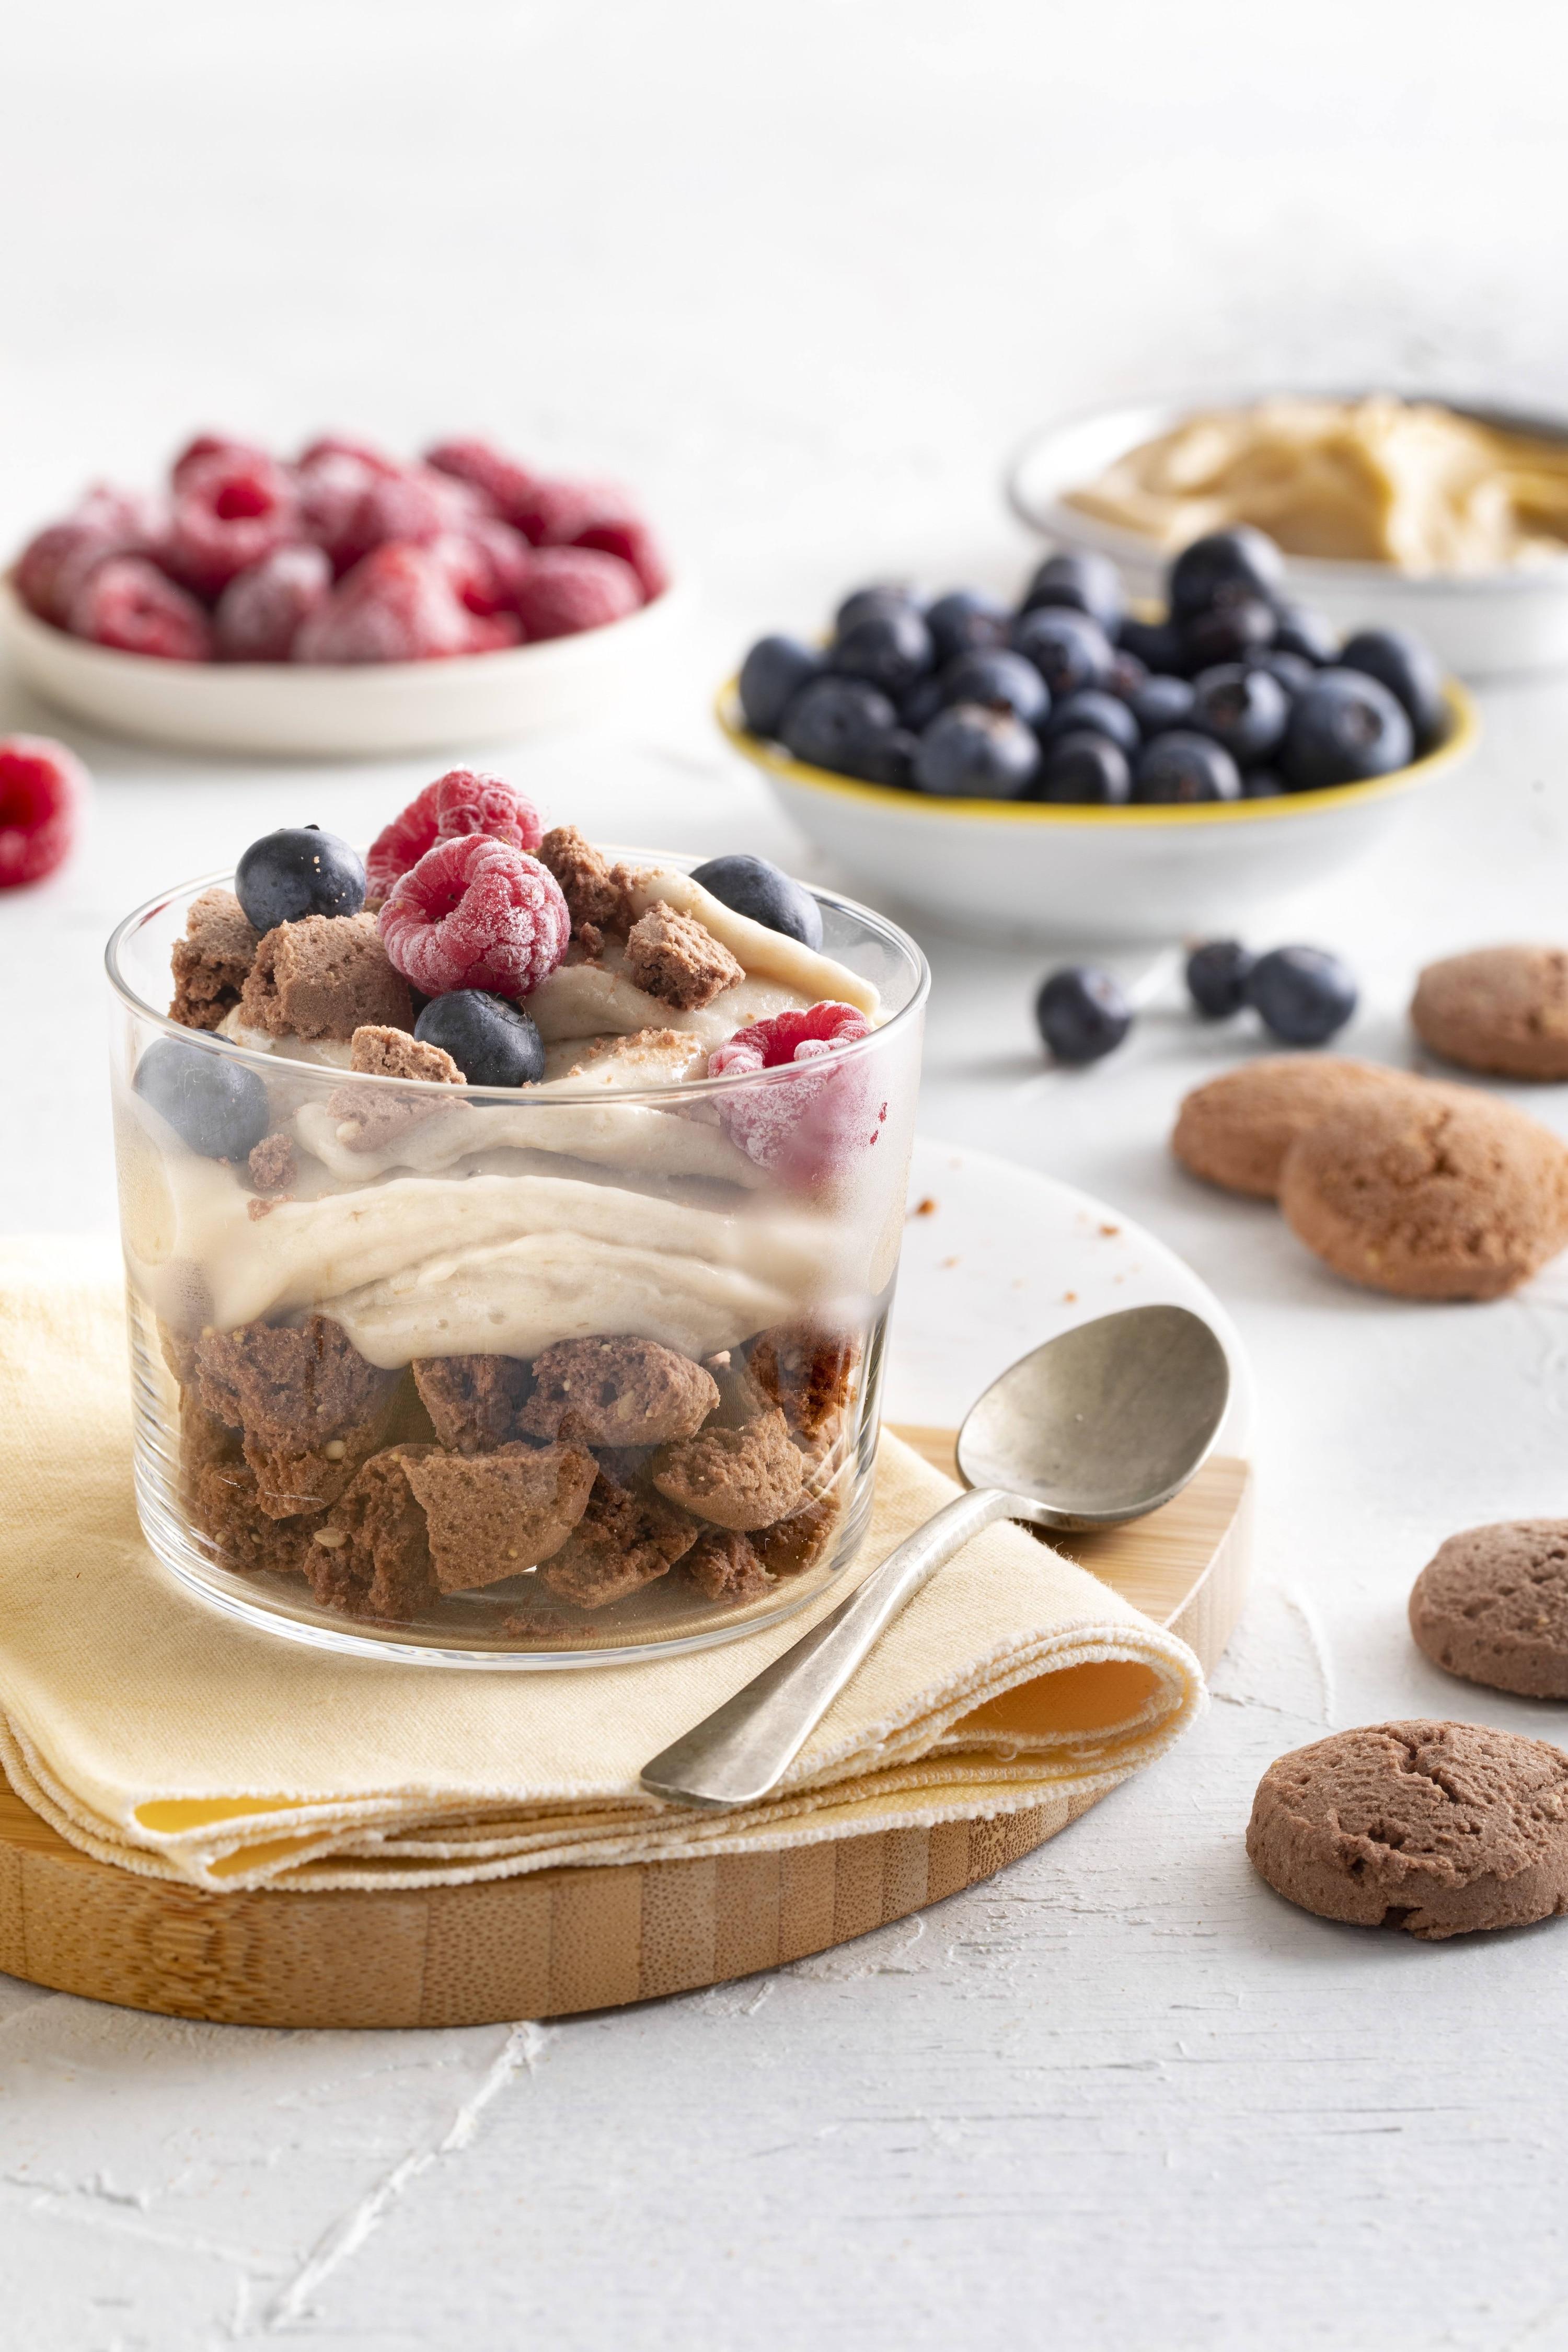 Trifle con cookies, helado de banana, frambuesa y arándanos